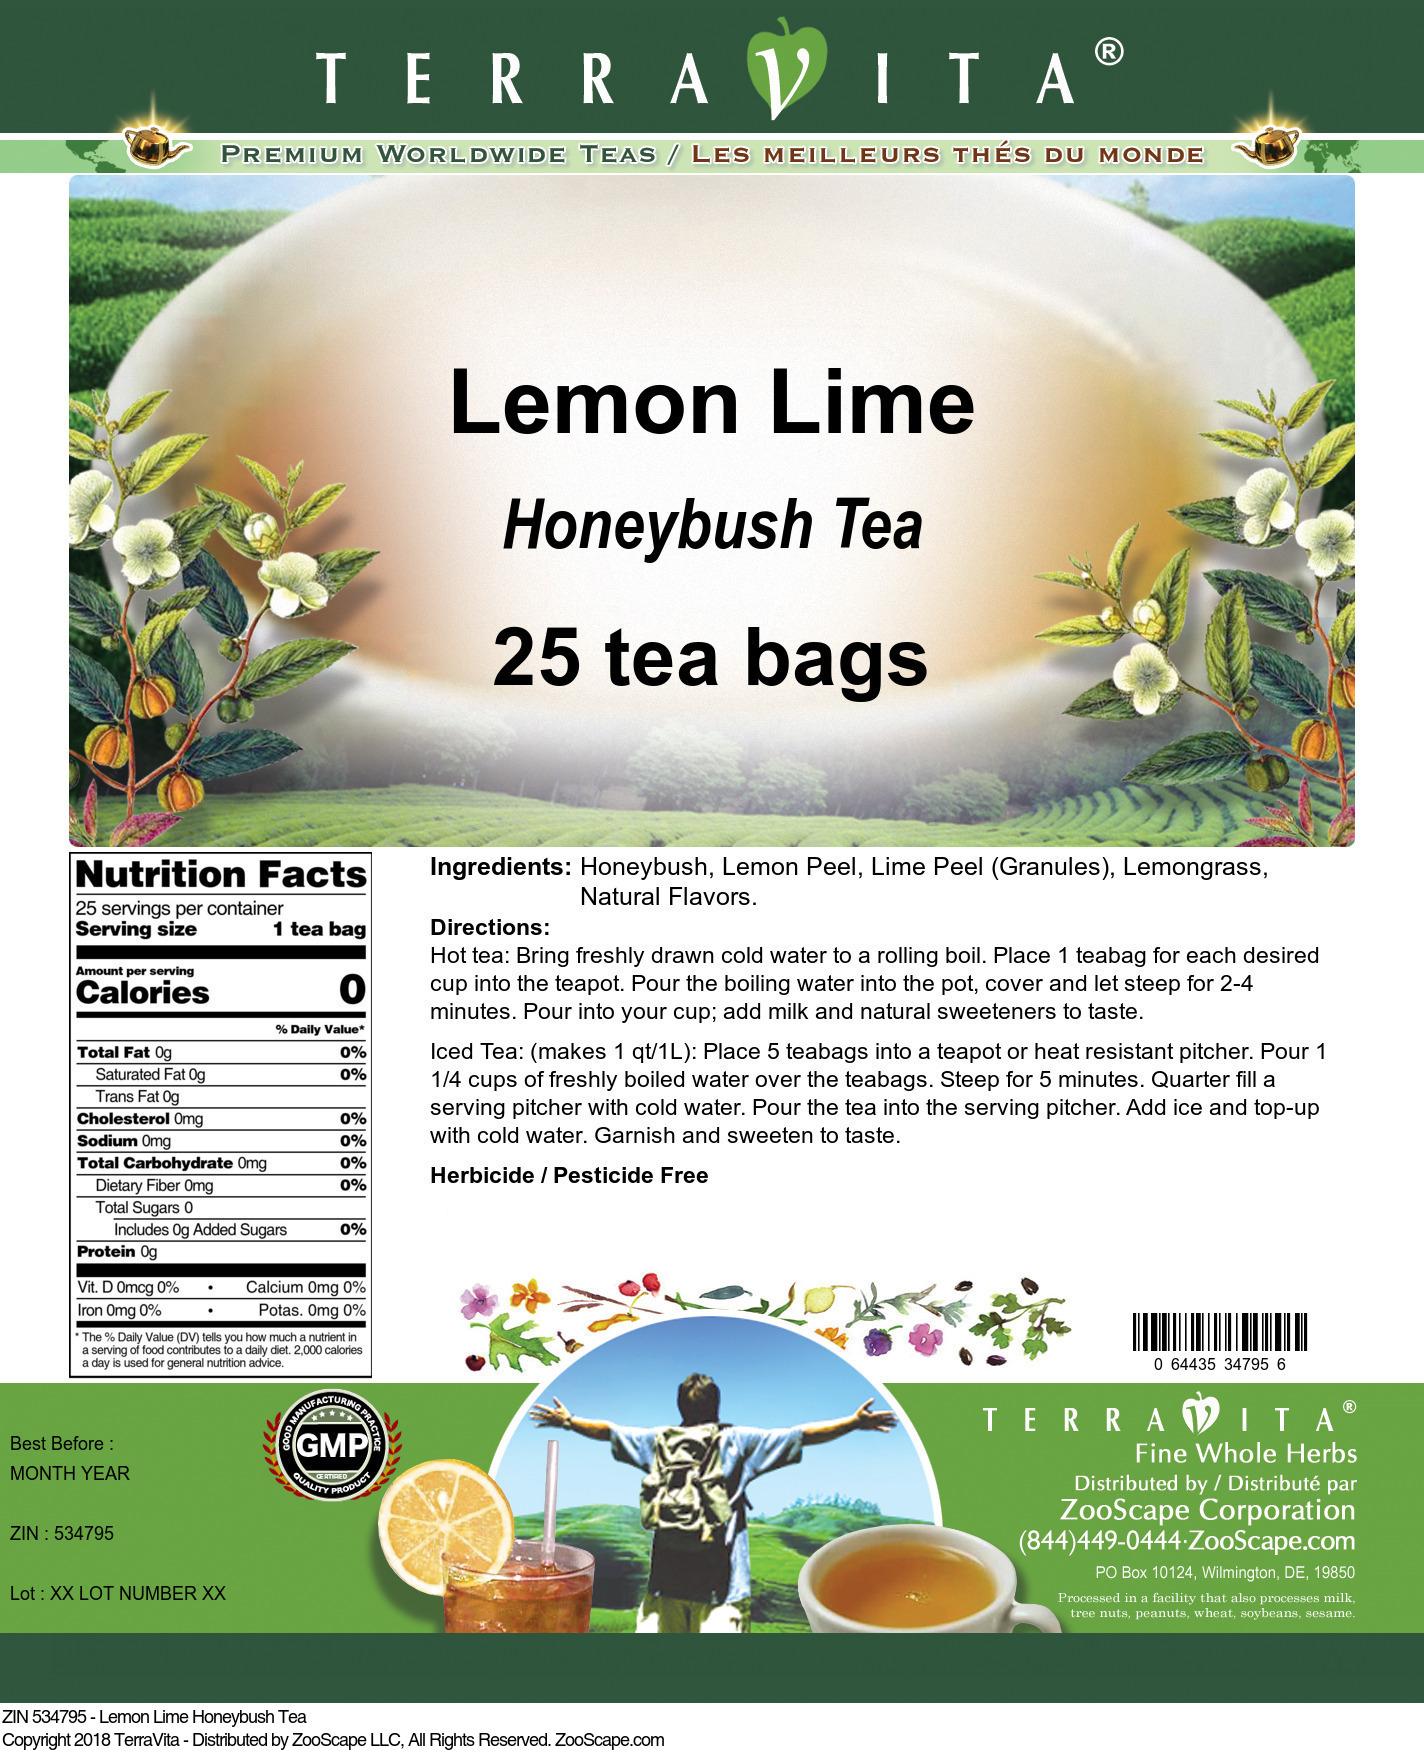 Lemon Lime Honeybush Tea